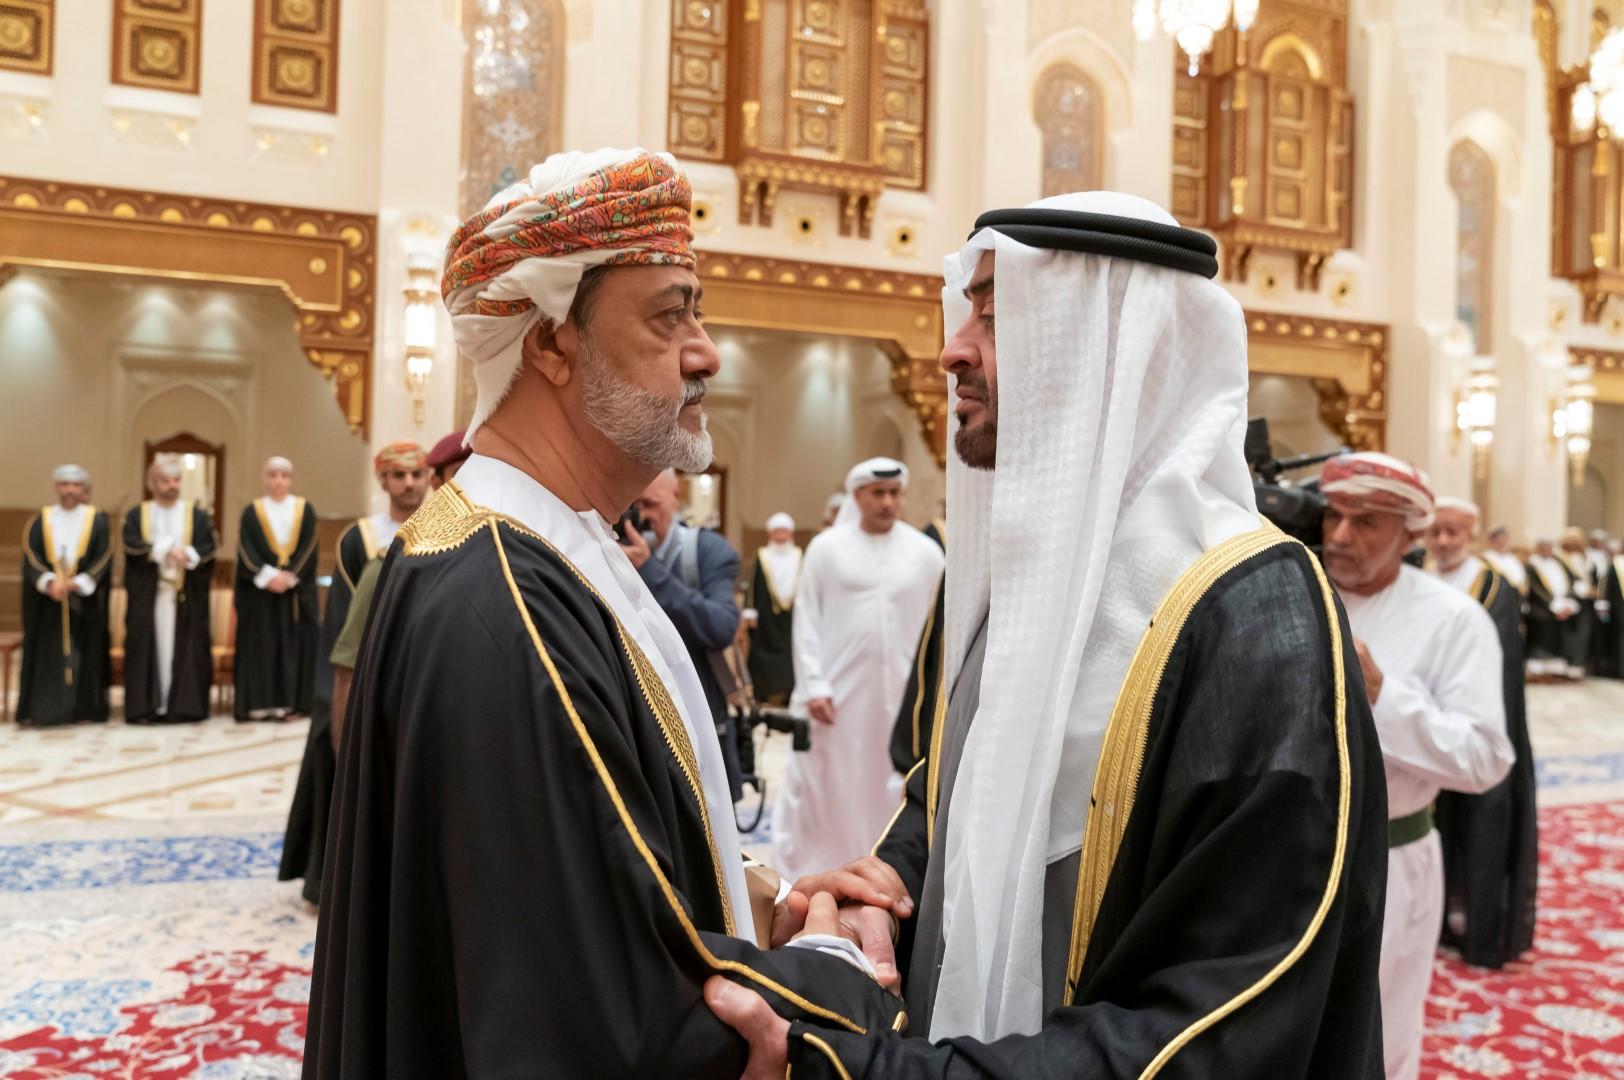 محمد بن زايد يعزي سلطان عمان بوفاة قابوس بن سعيد